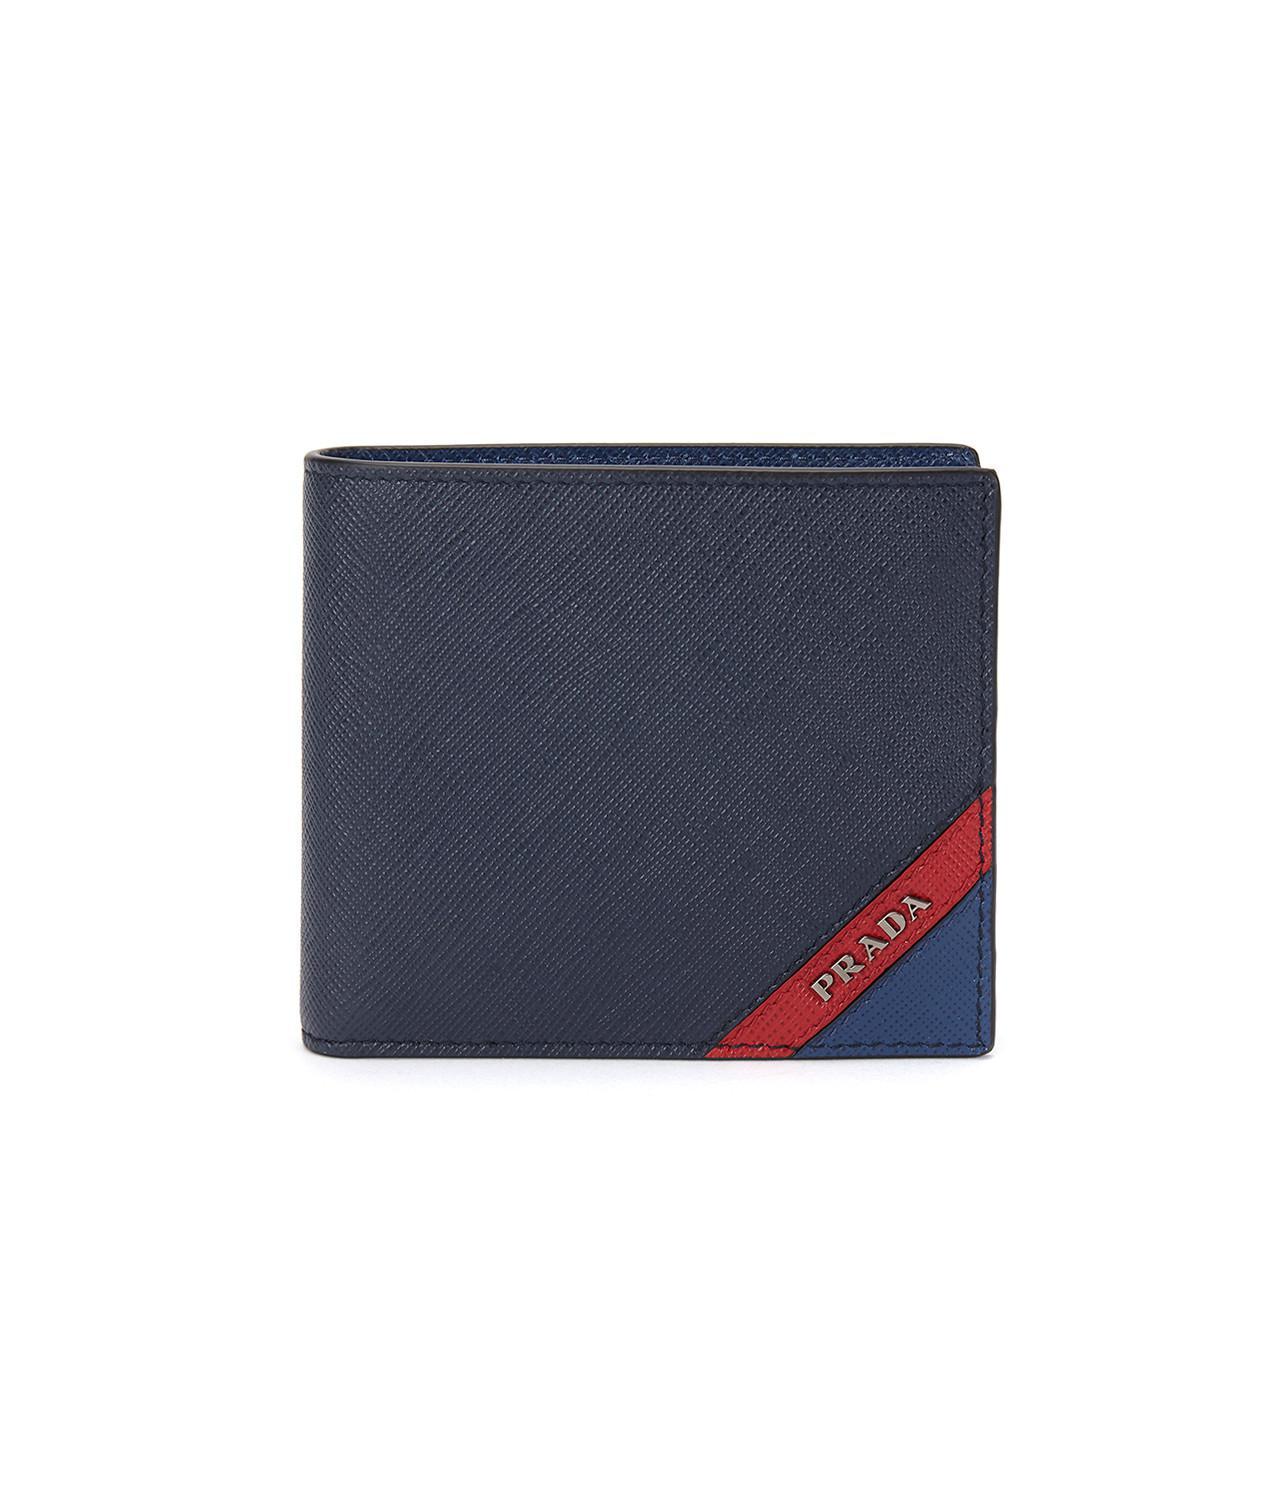 2465bbb81d9d Prada Saffiano Stripe Wallet Nero+fuoco+baltico in Blue for Men - Lyst